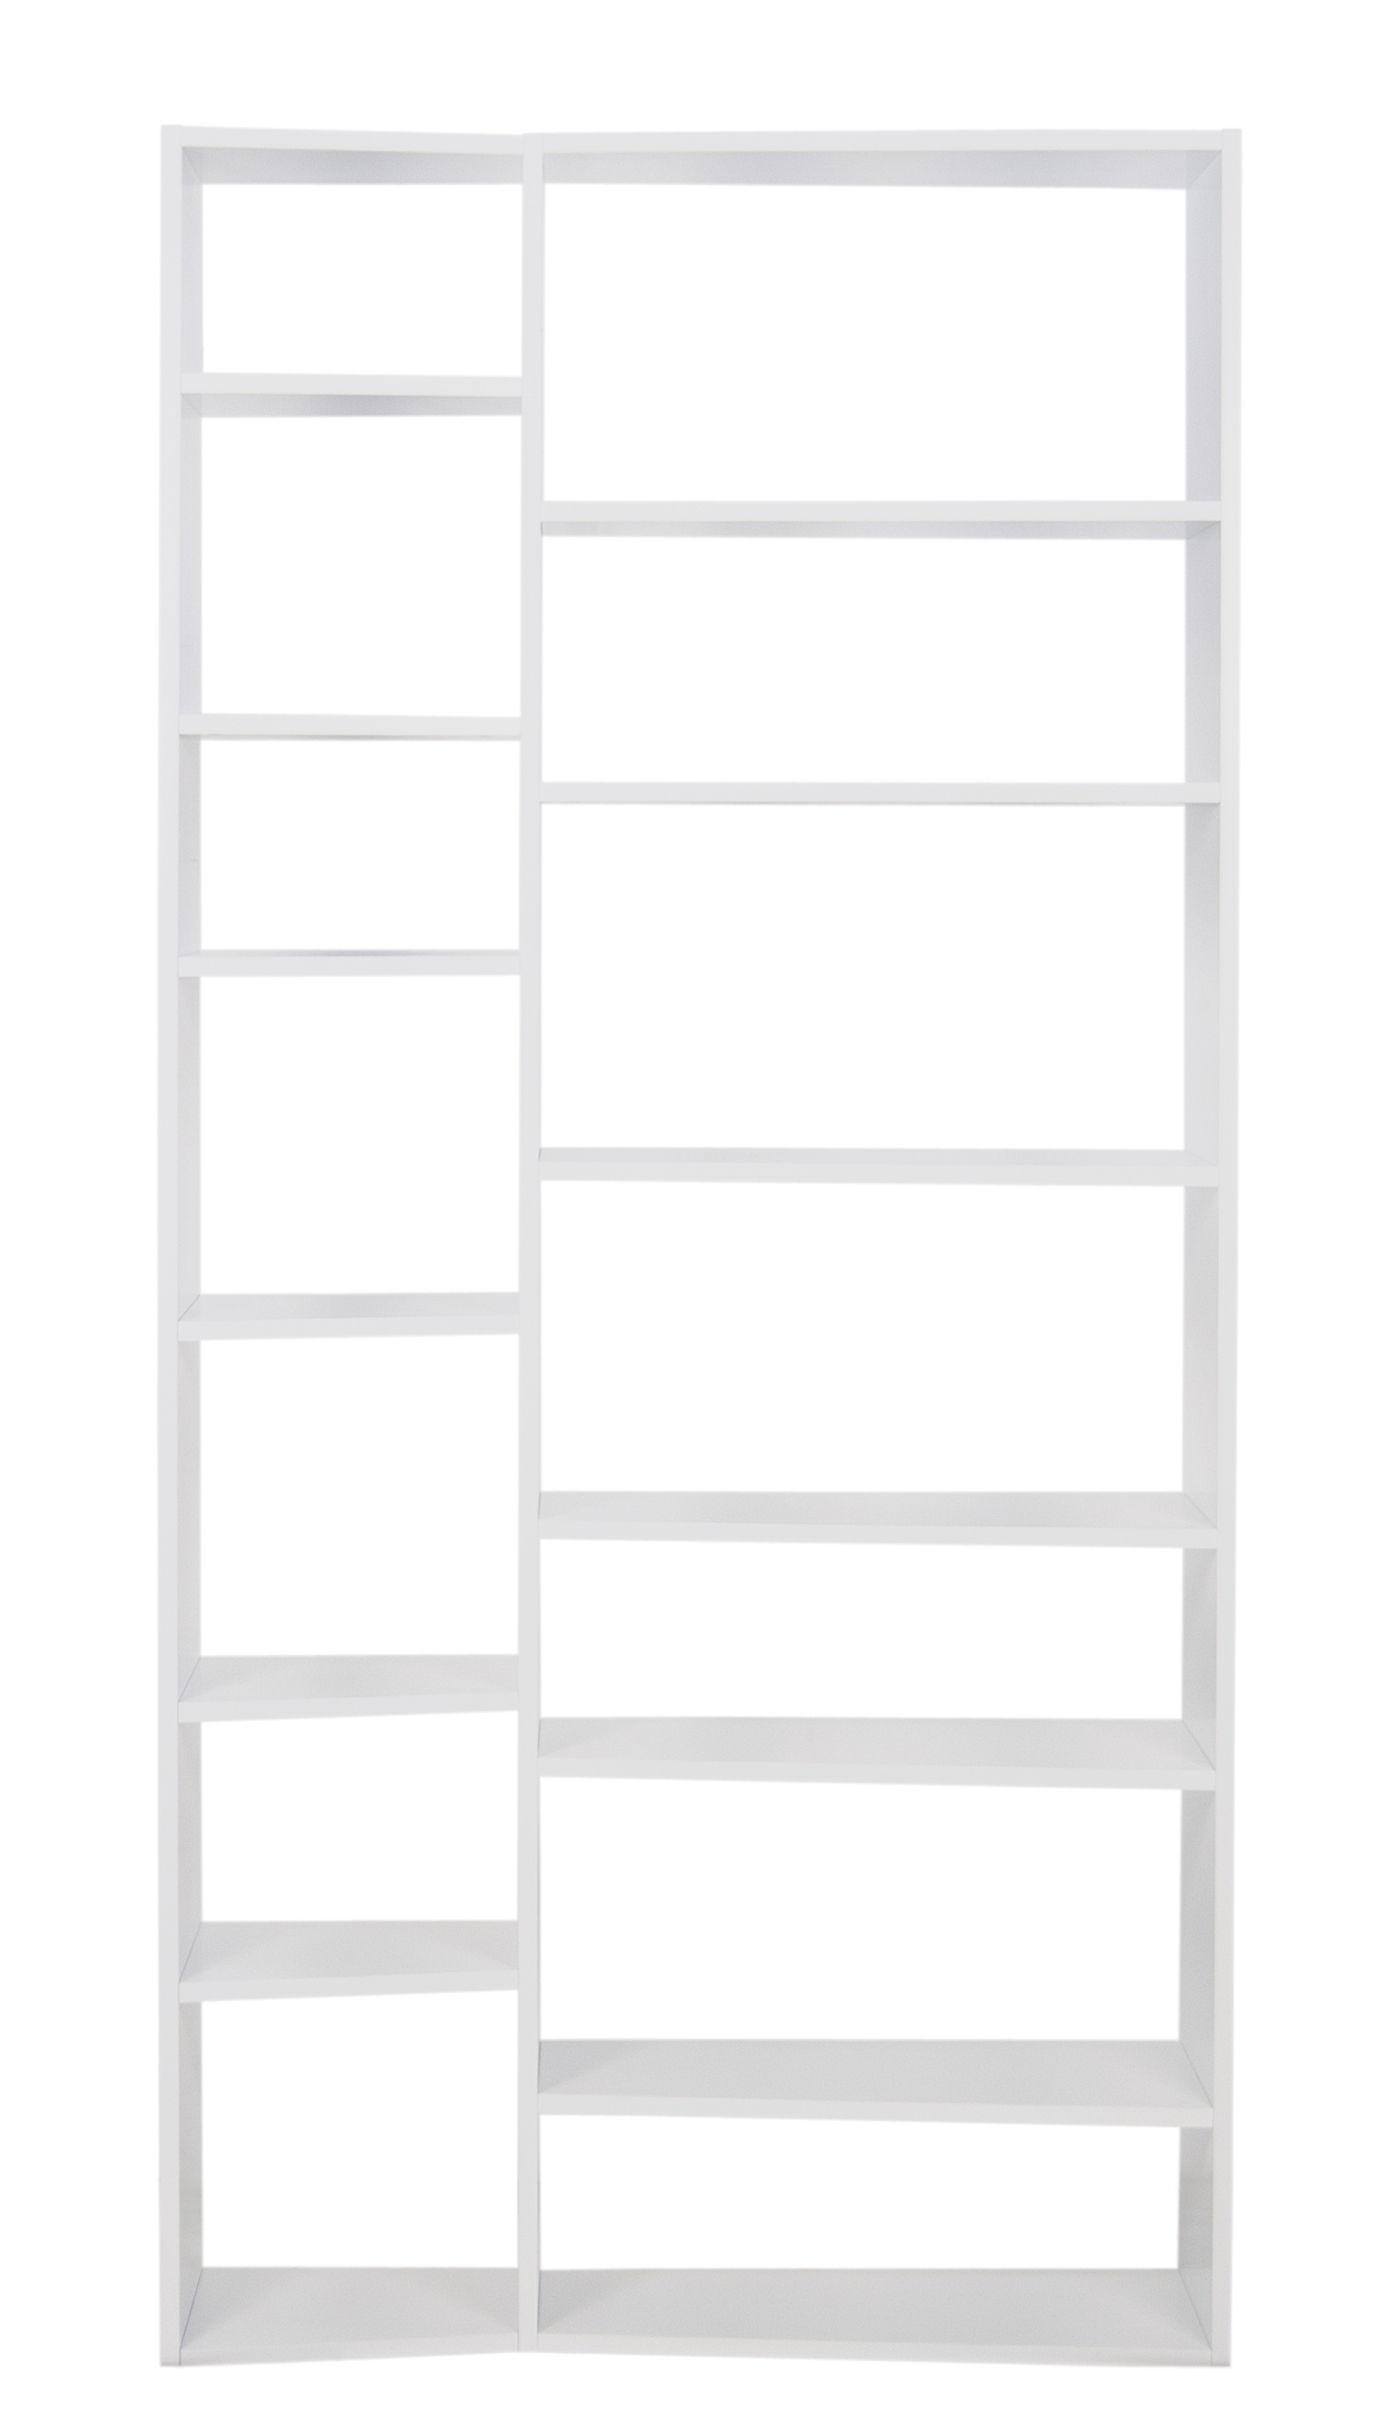 Arredamento - Scaffali e librerie - Libreria New York 001 / L 108 x H 224 cm - POP UP HOME - Bianco - Aggloméré peint